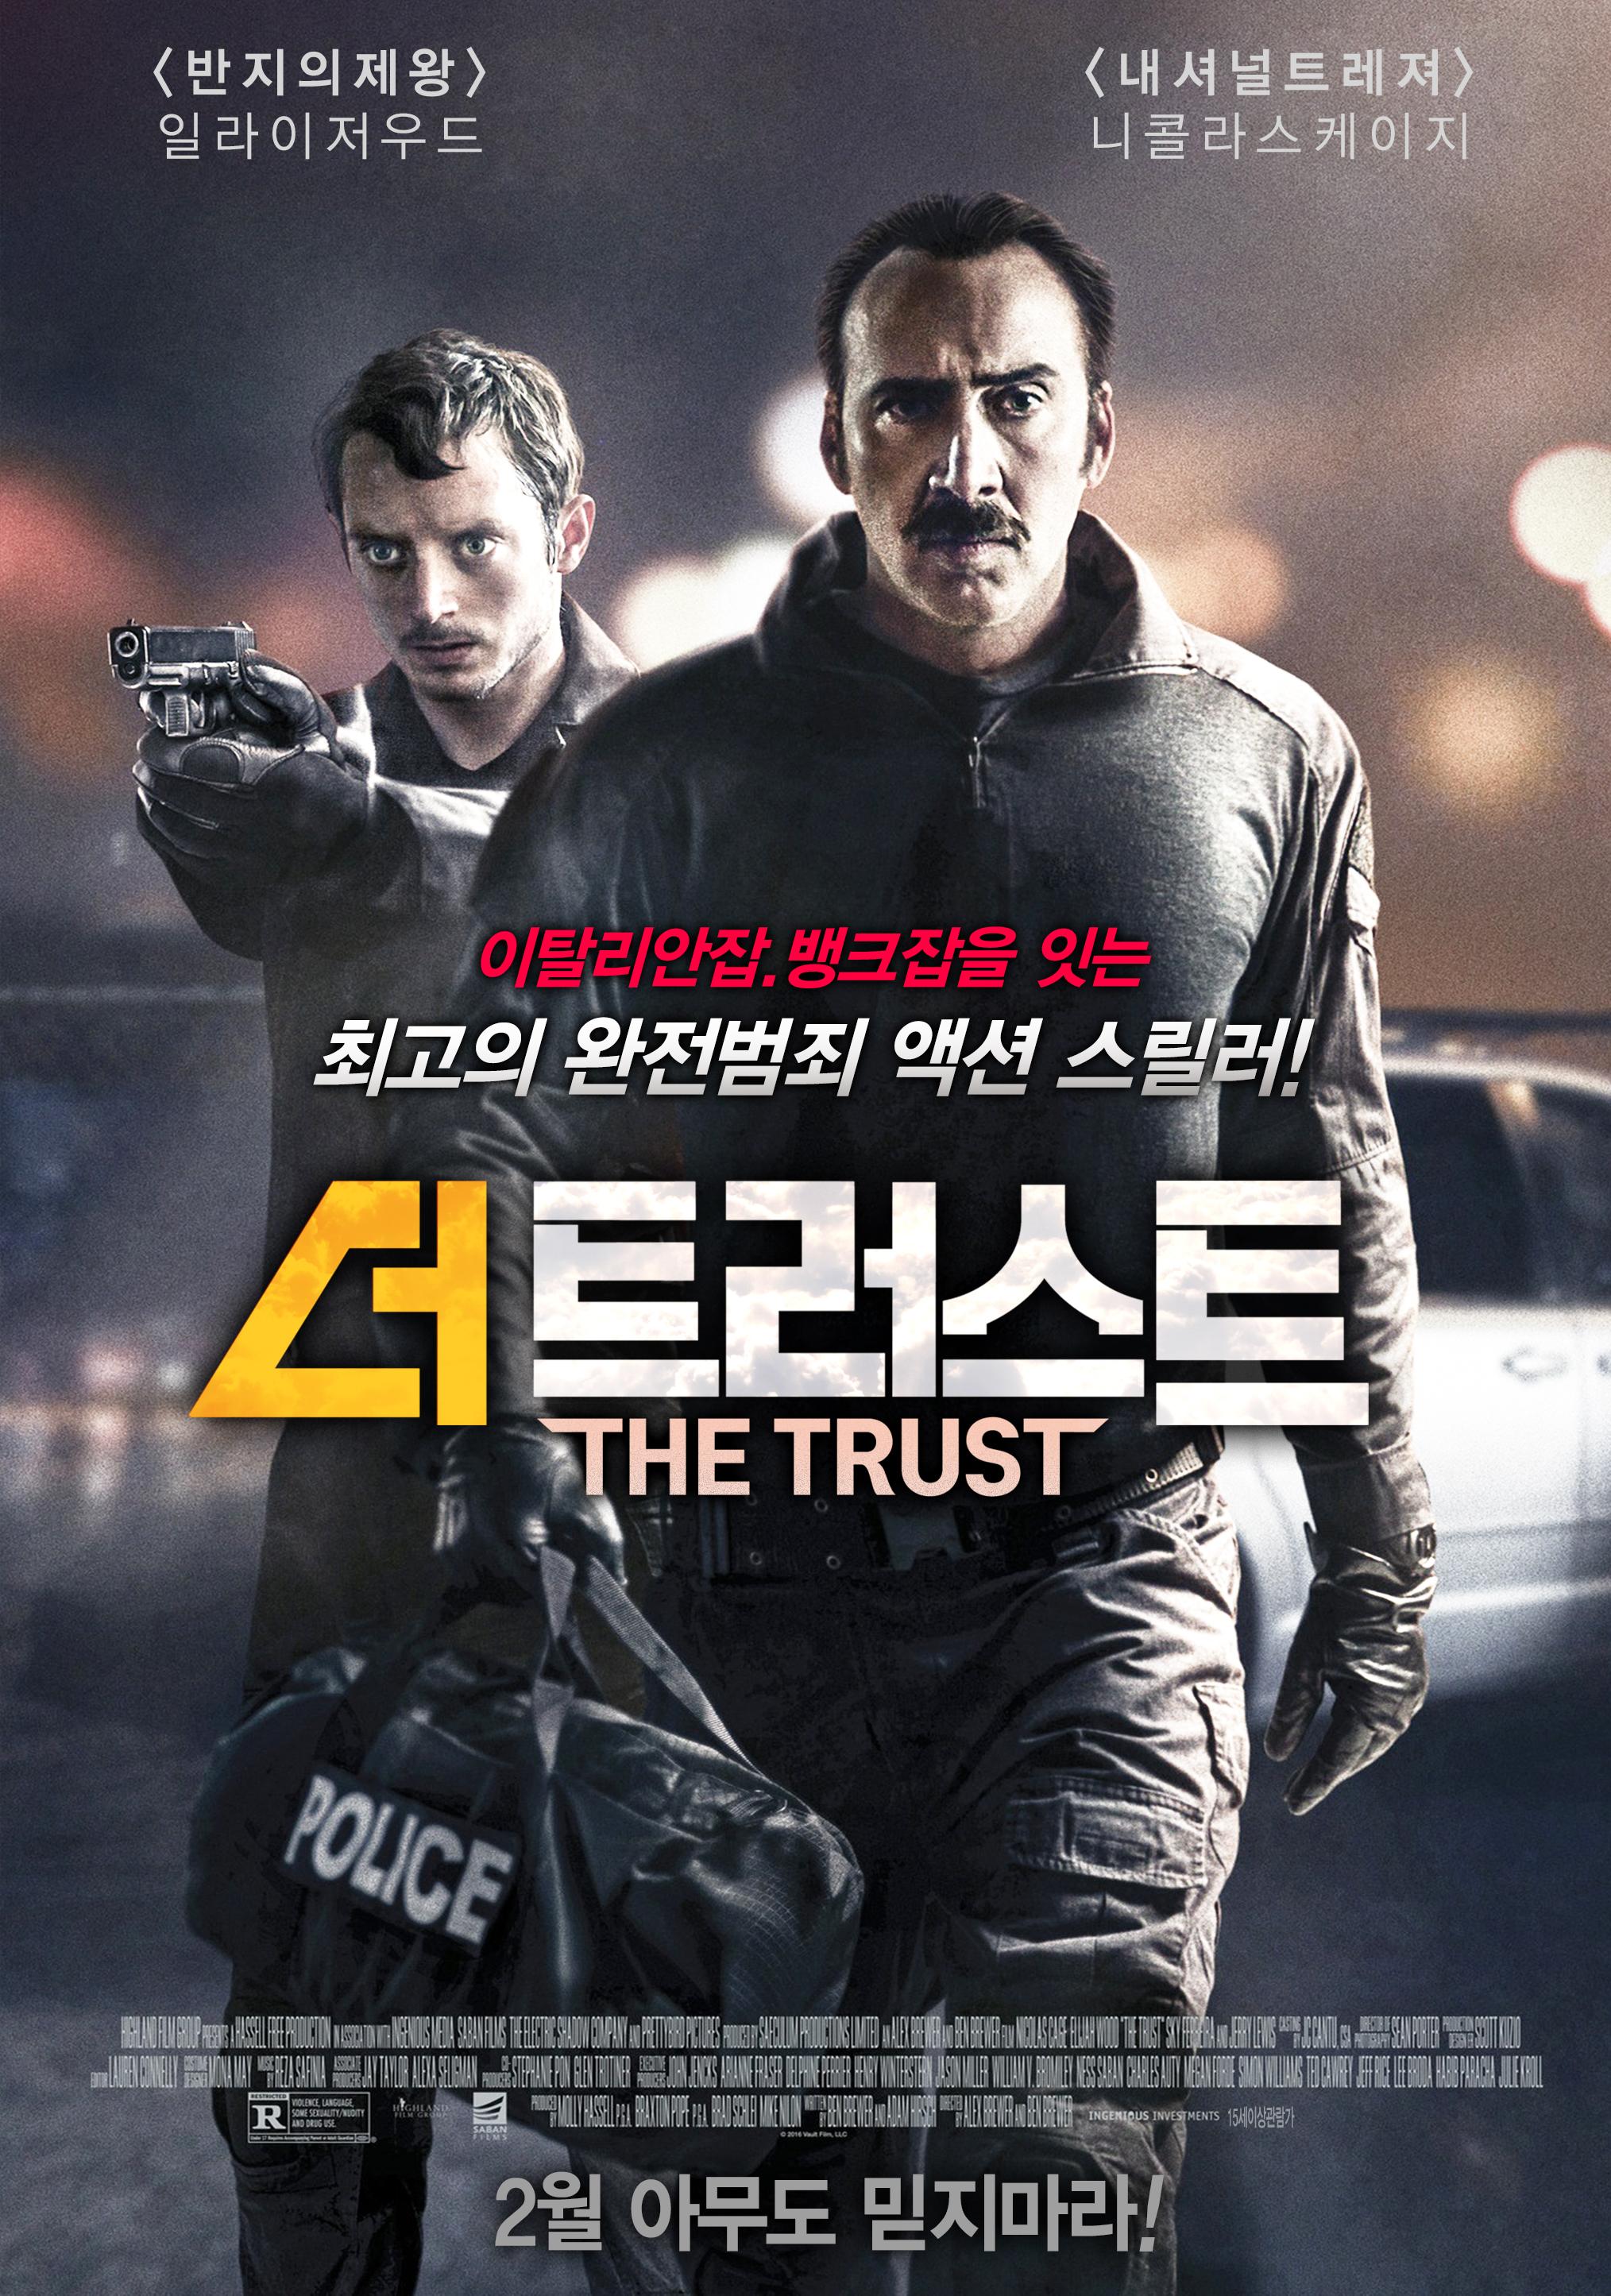 더 트러스트 (The Trust, 2017)